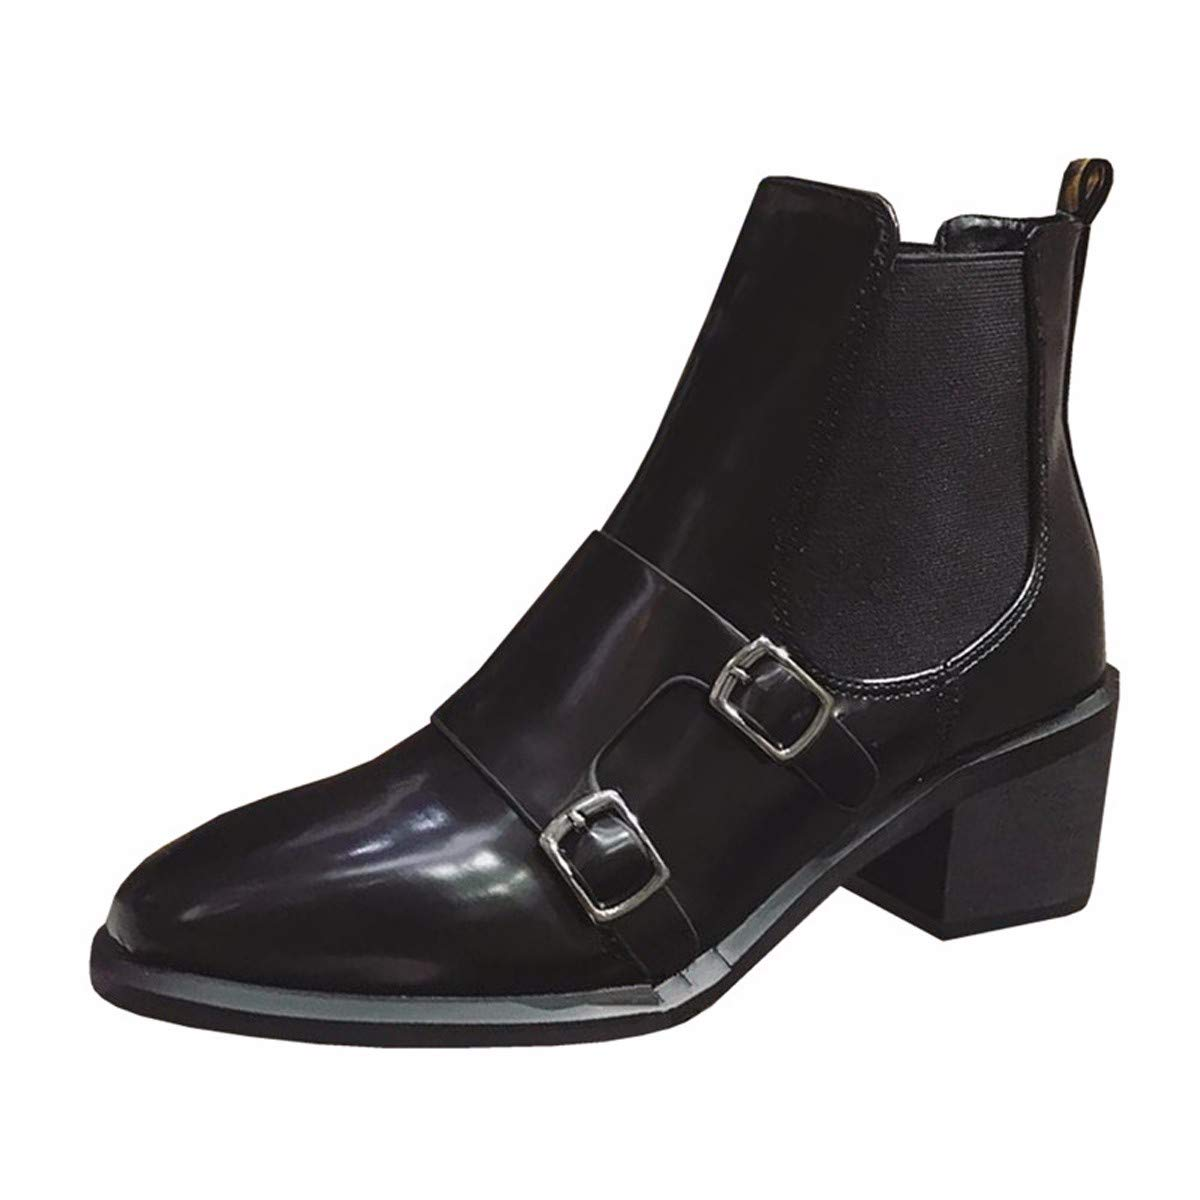 LBTSQ Fashion Damenschuhe Gürtel Chelsea Stiefel Absatz 5 cm Hohen Runden Kopf Dicke Sohle Stiefel Samt Schwarze Stiefel Lokomotive